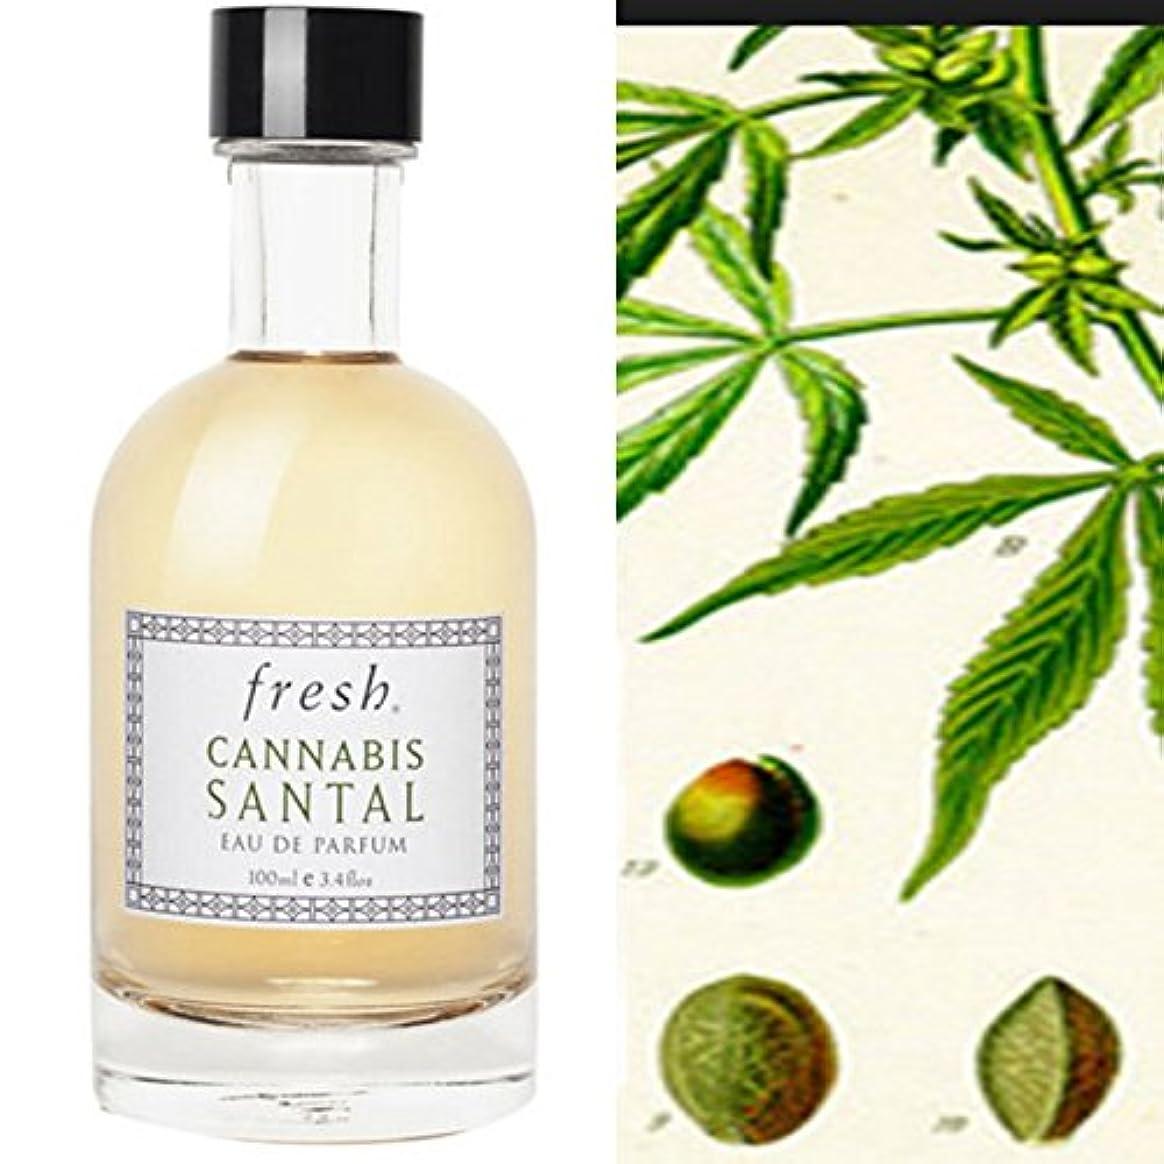 恩赦フィクションギャラントリーFresh (フレッシュ) 大麻サンタルオードパルファム,100ml(3.4oz)- Cannabis Santal 。 [並行輸入品] [海外直送品]